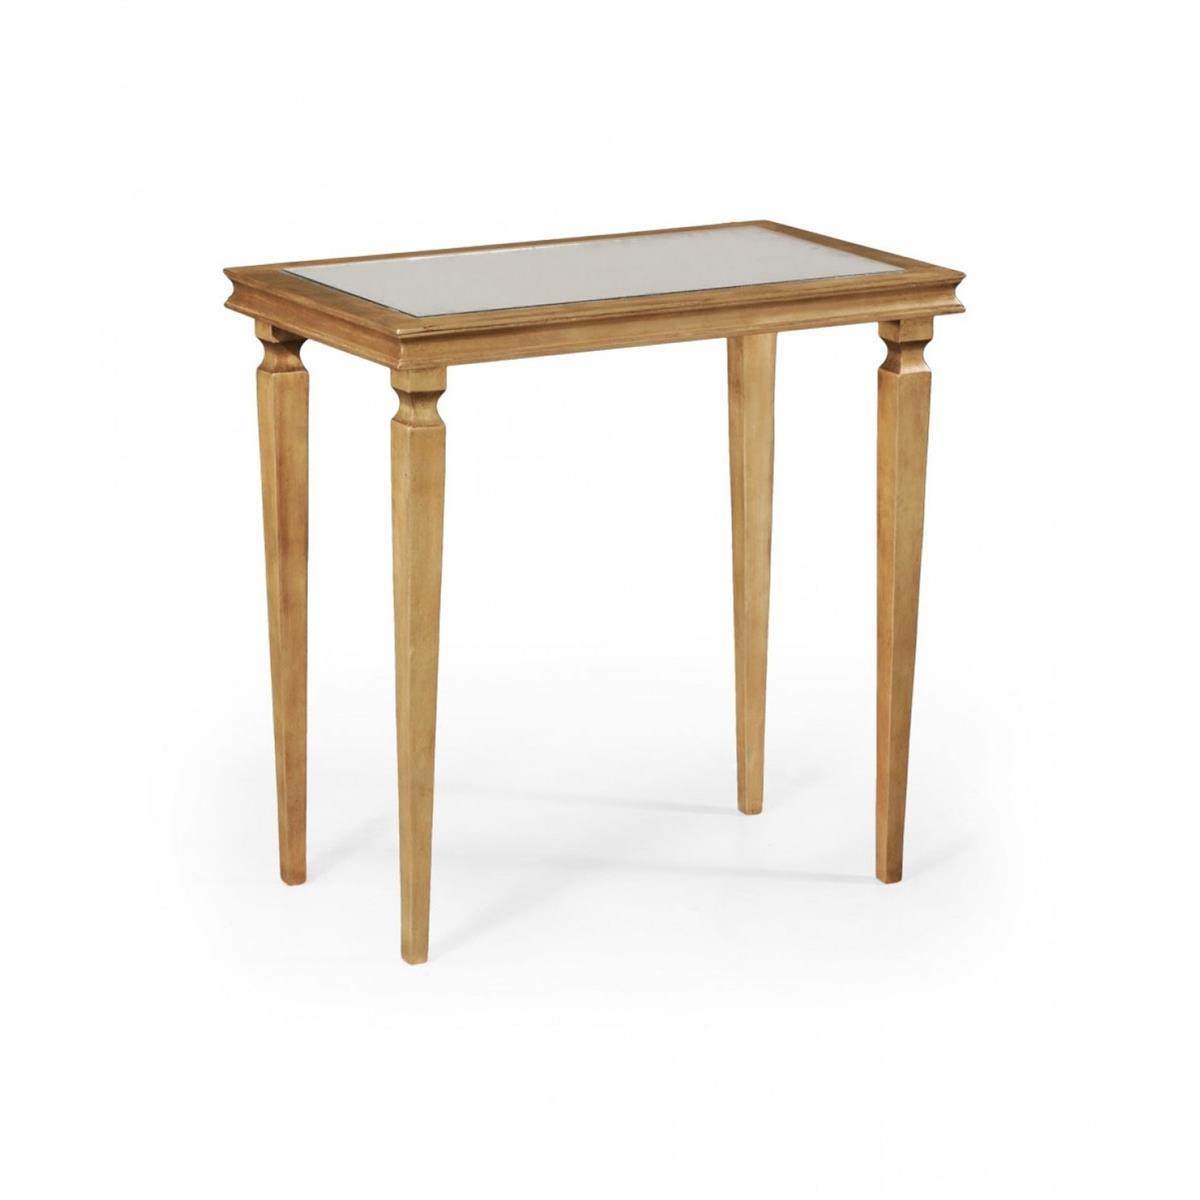 494065 Italian Gilt Rectangular Side Table - на 360.ru: цены, описание, характеристики, где купить в Москве.